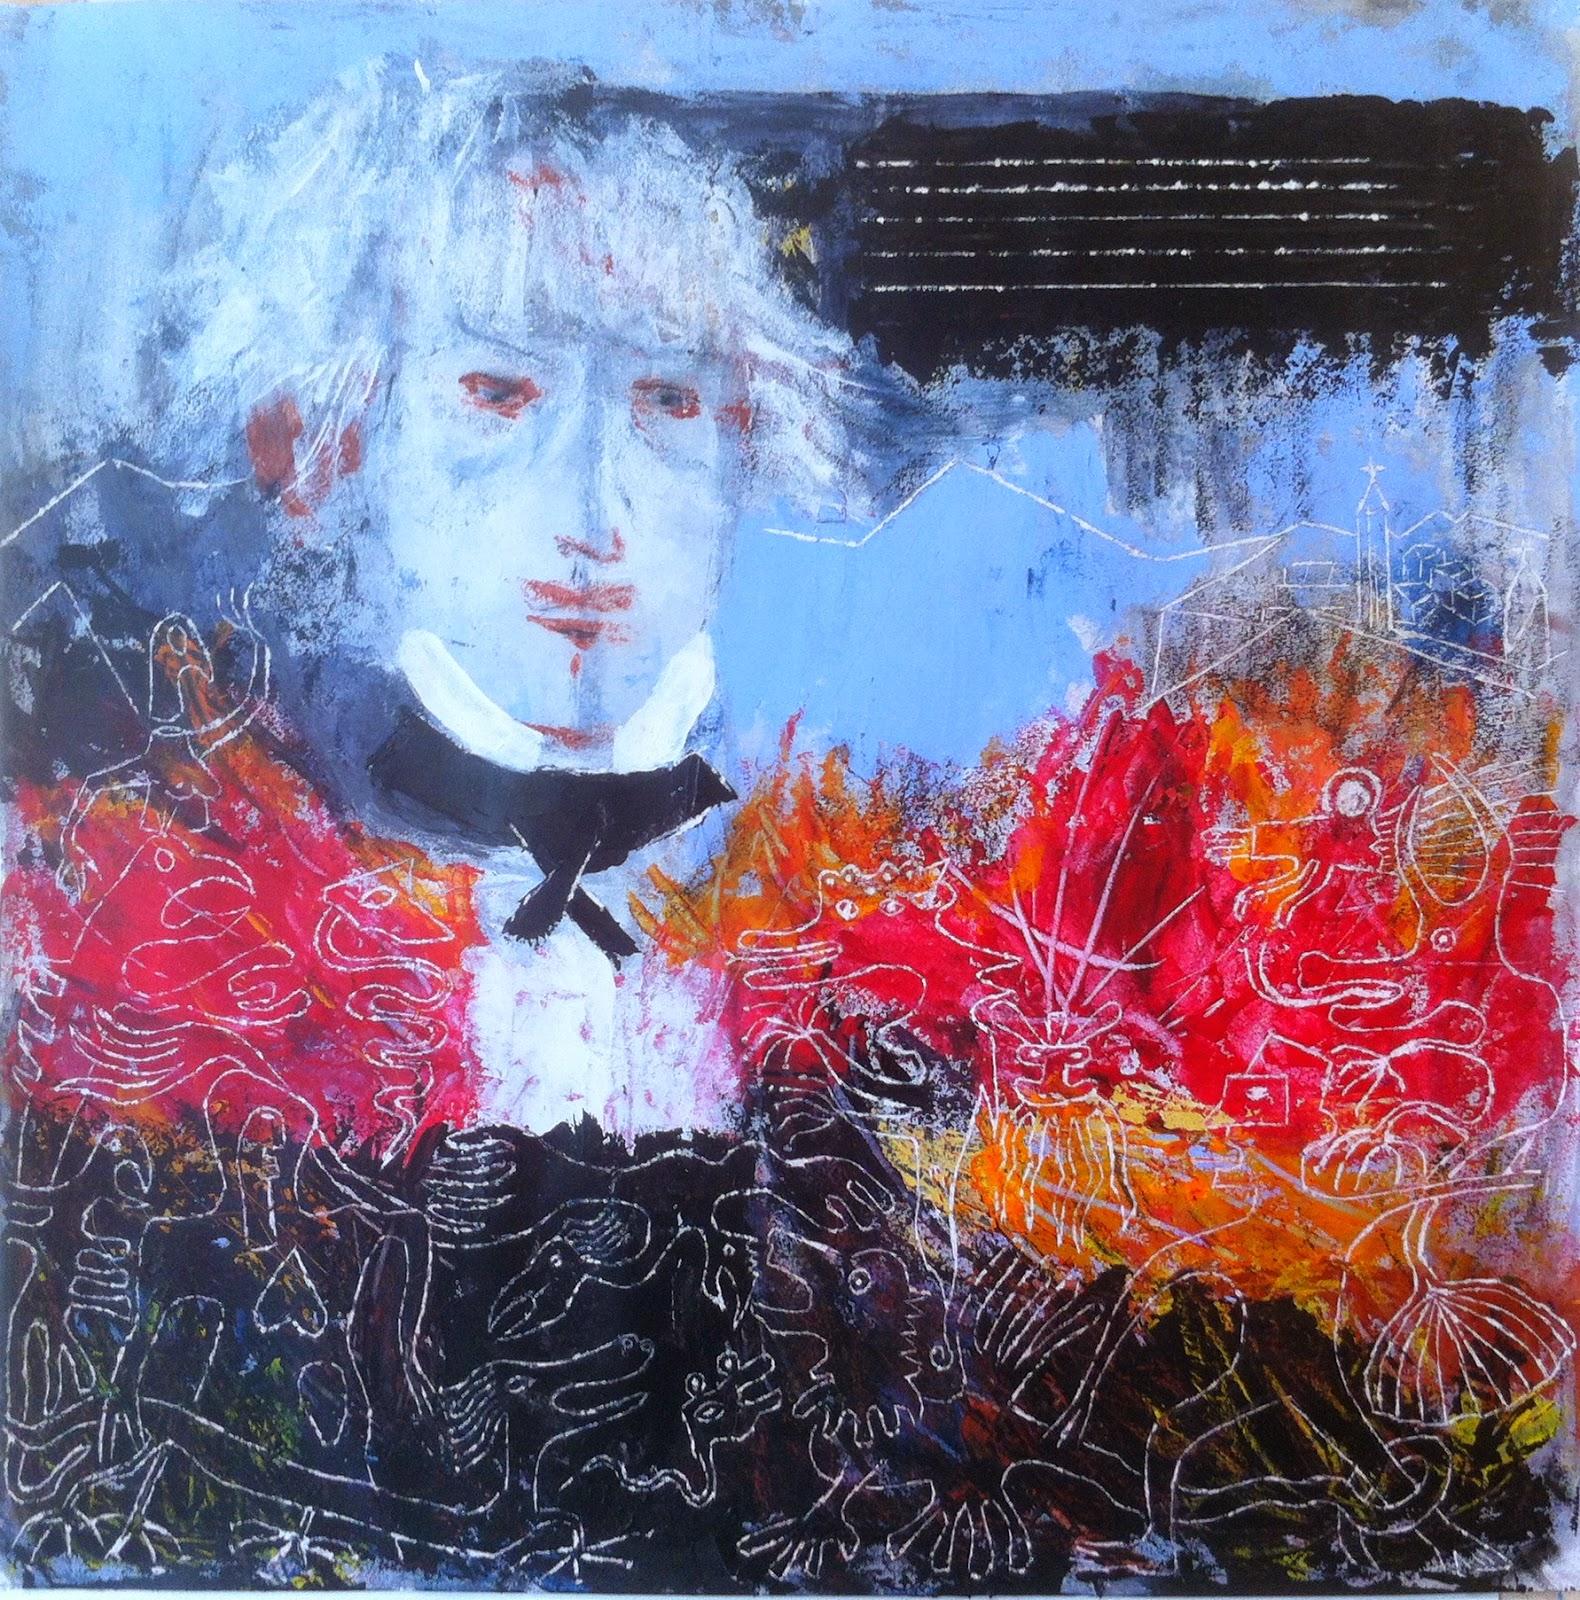 N°1528- Symphonie Fantastique - Acrylique sur papier - 65 x 65 cm - 31 juillet 2014